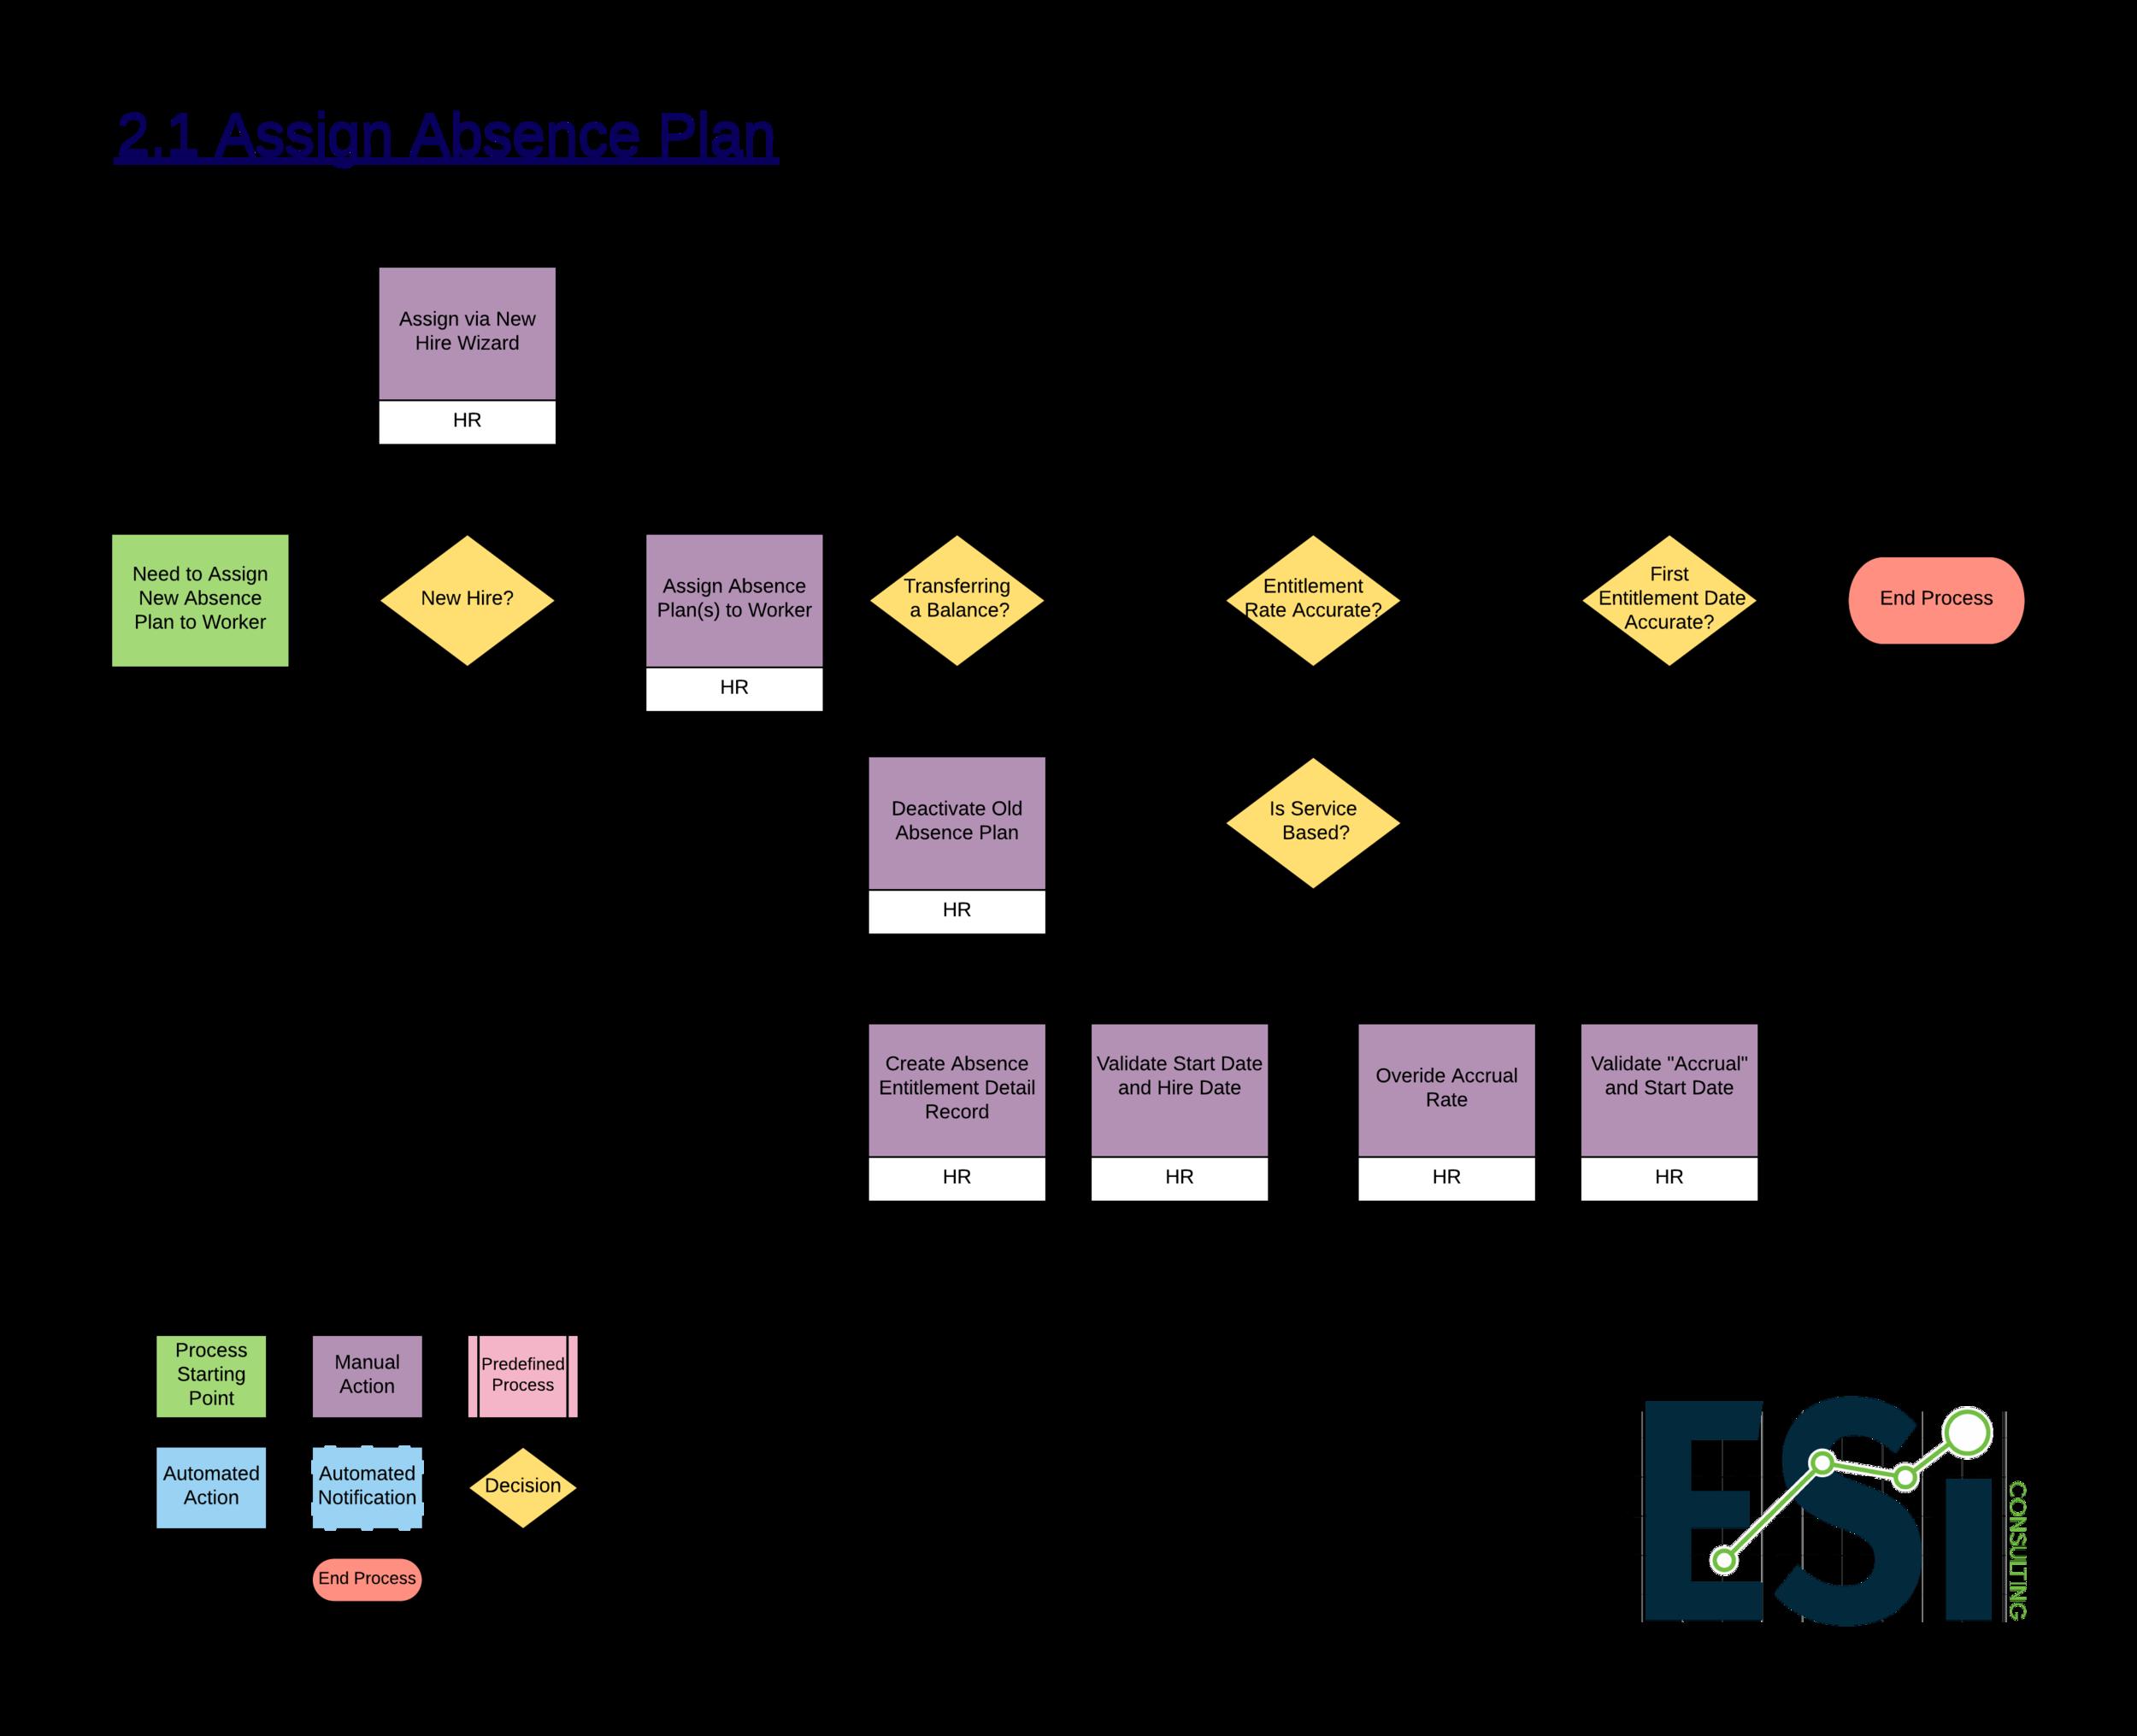 2.1 Assign Absence Plan -